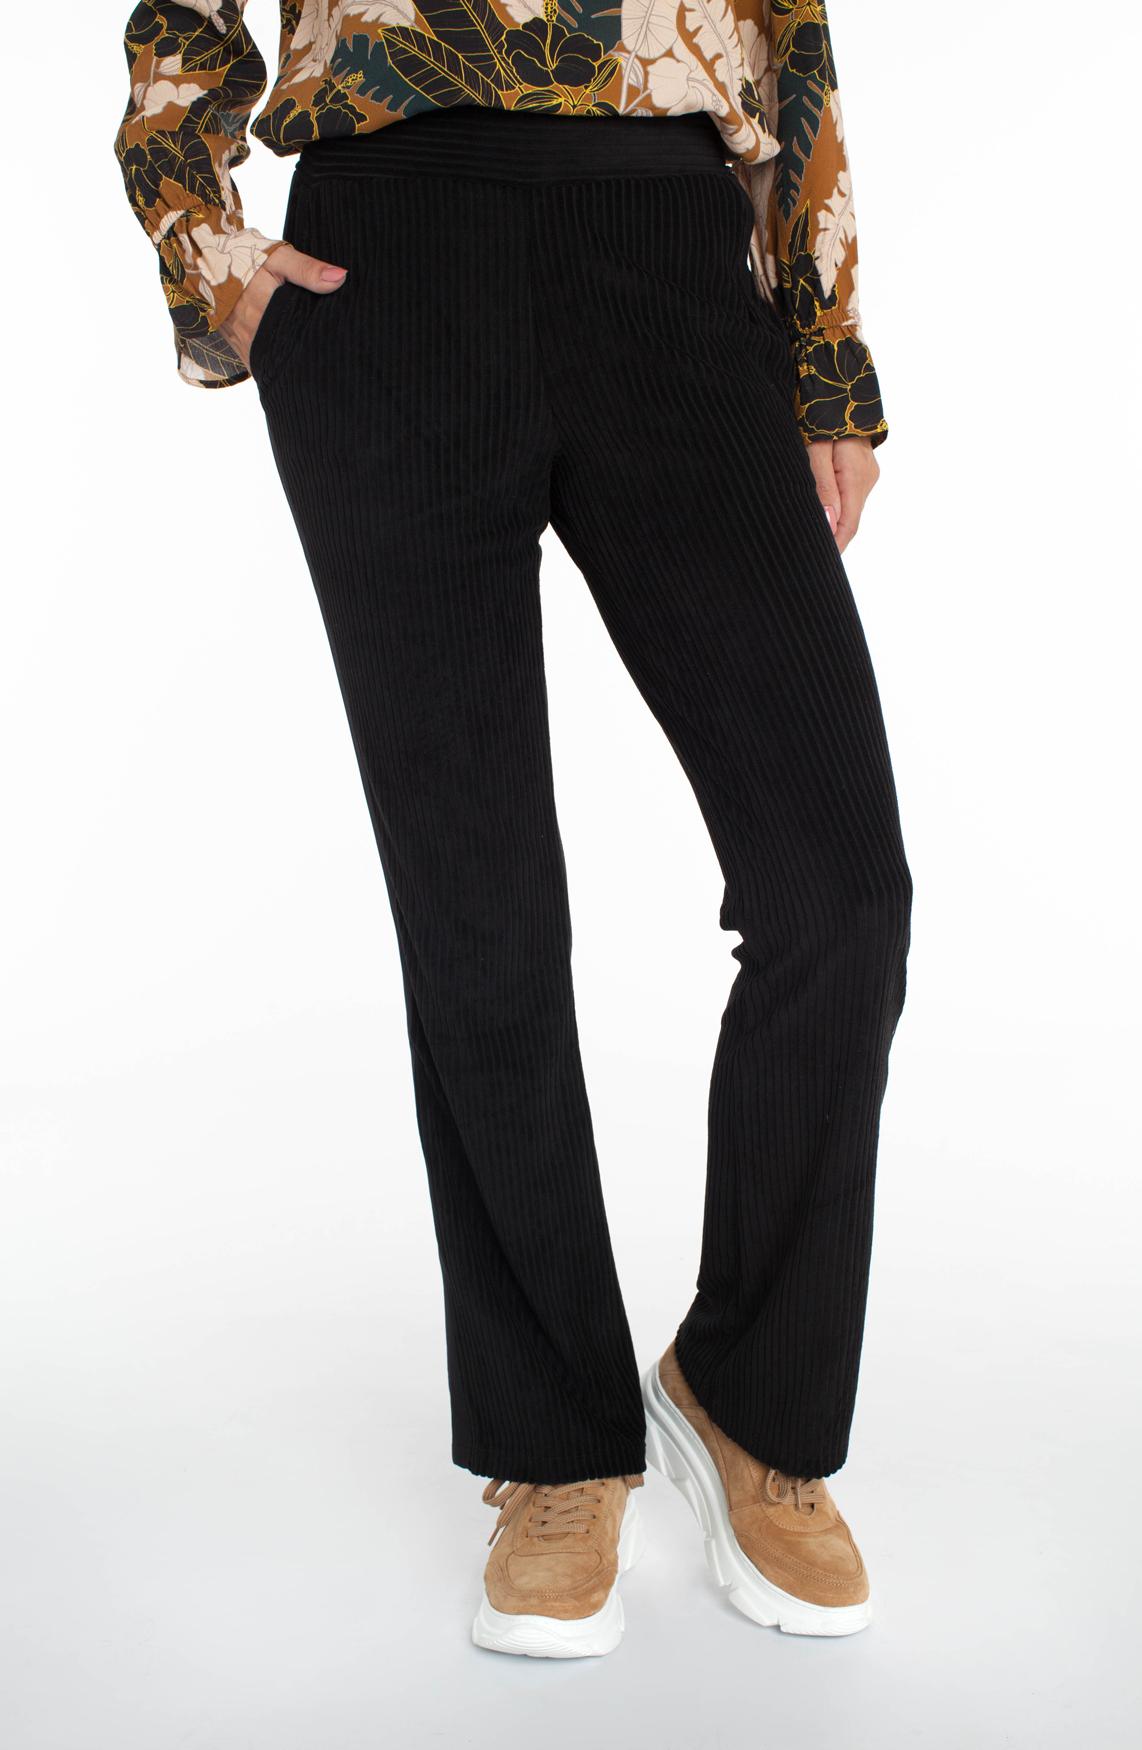 Anna Dames Flared velvet broek met bies zwart